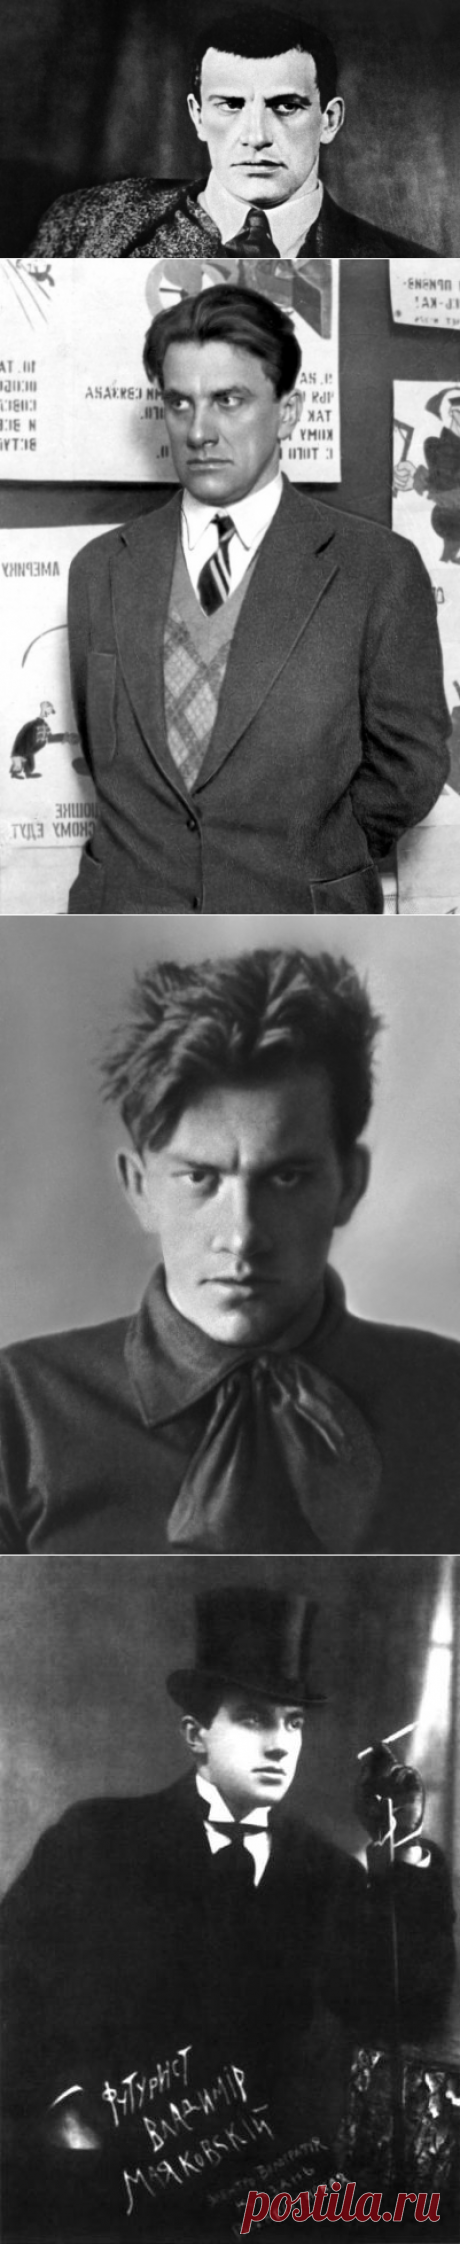 Владимир Маяковский - грандиозный поэт или несостоявшийся звездочет?   Культура